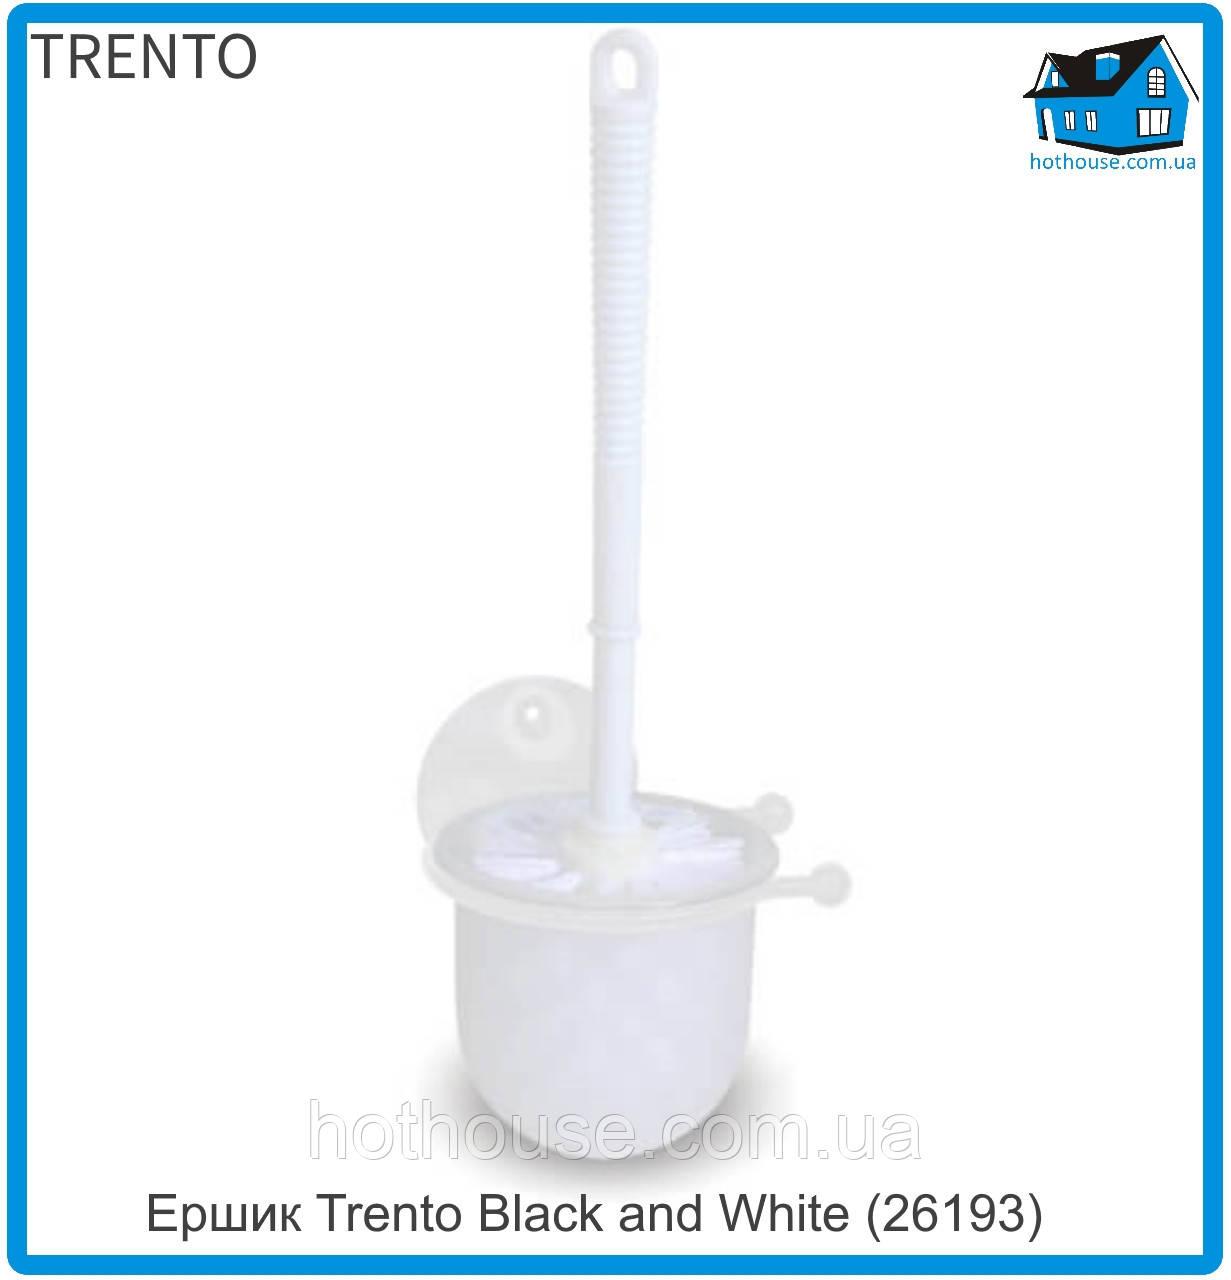 Ершик для унитаза Trento Black and White (26193)